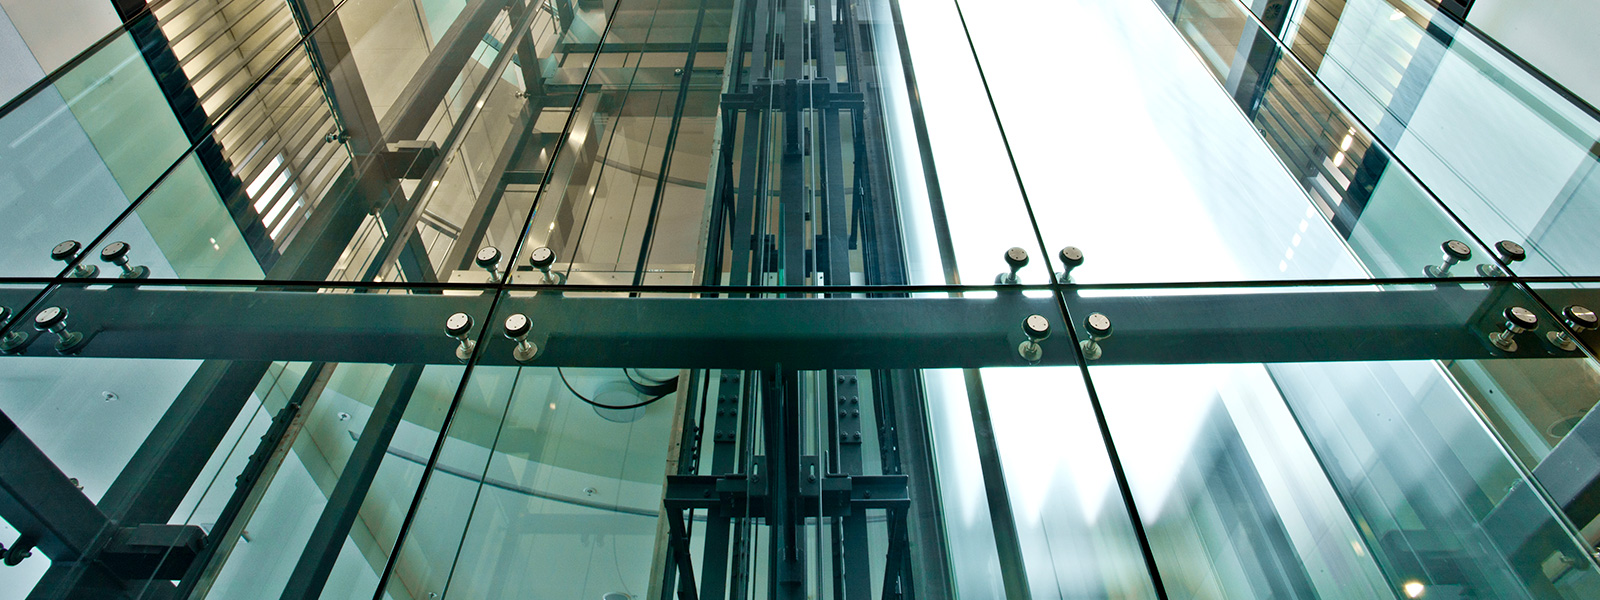 Glasaufzüge